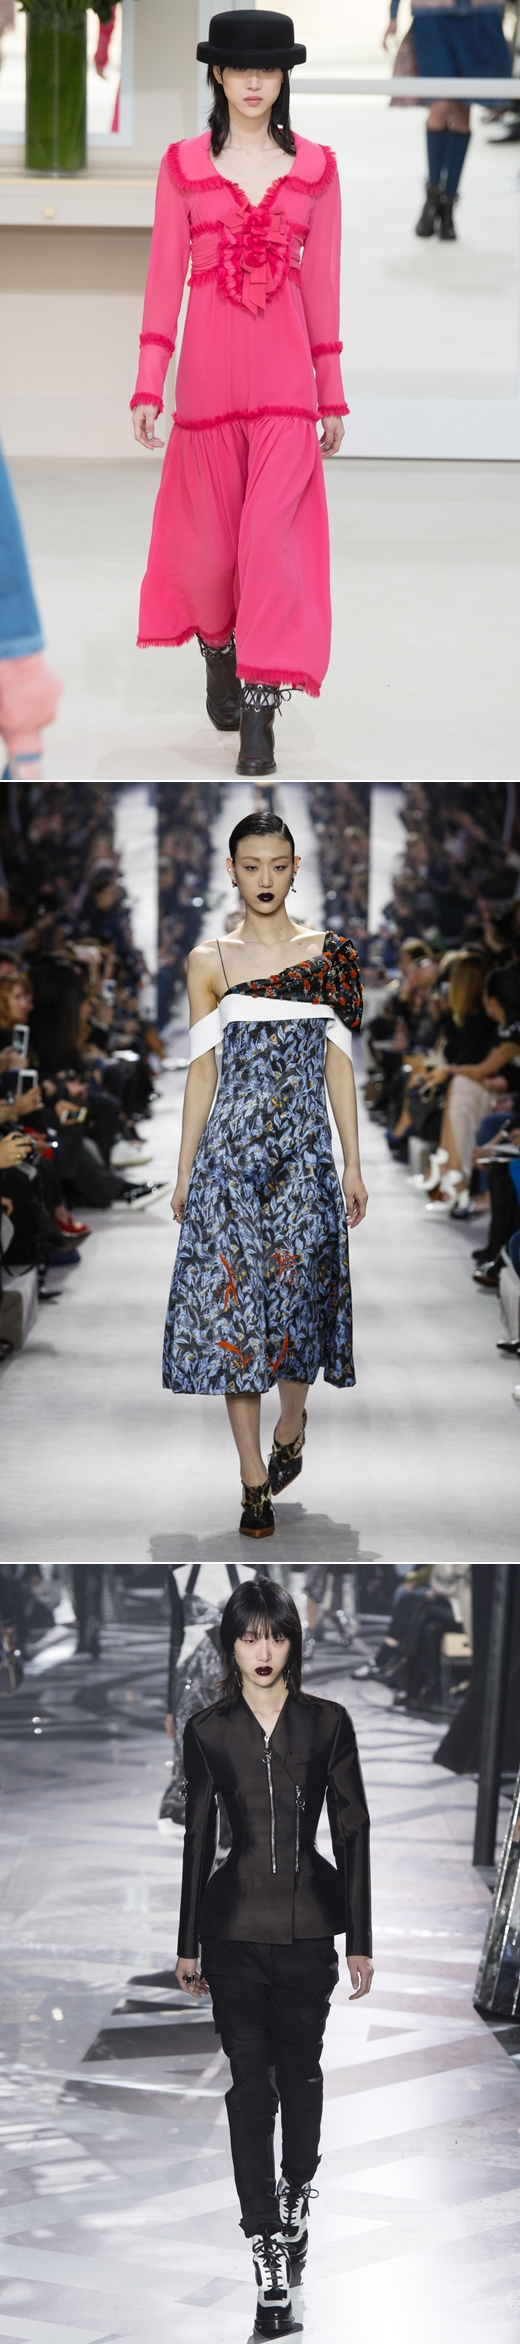 최소라, 해외 51개 컬렉션 런웨이 올라…핫한 모델 입증